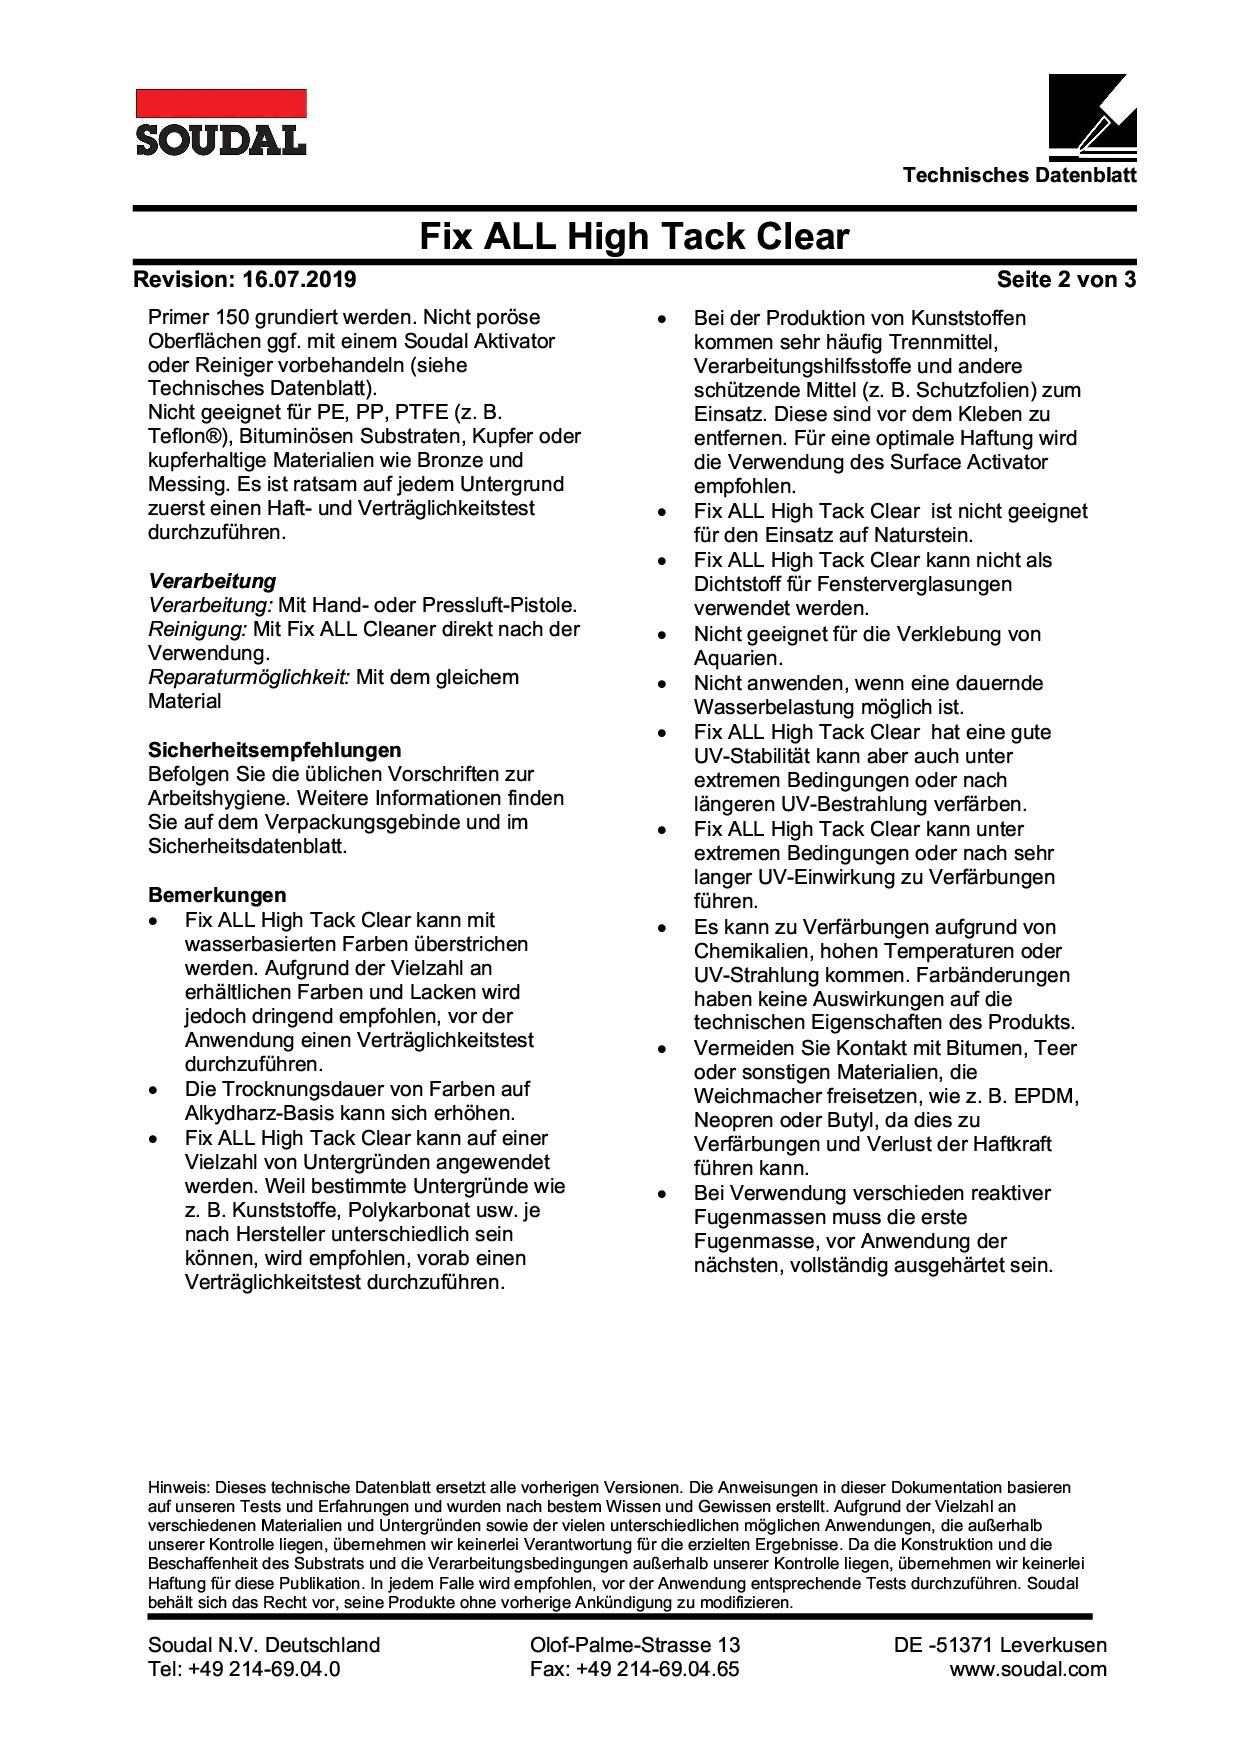 Technische-Daten-HighTack-Montagekleber-jpeg-002